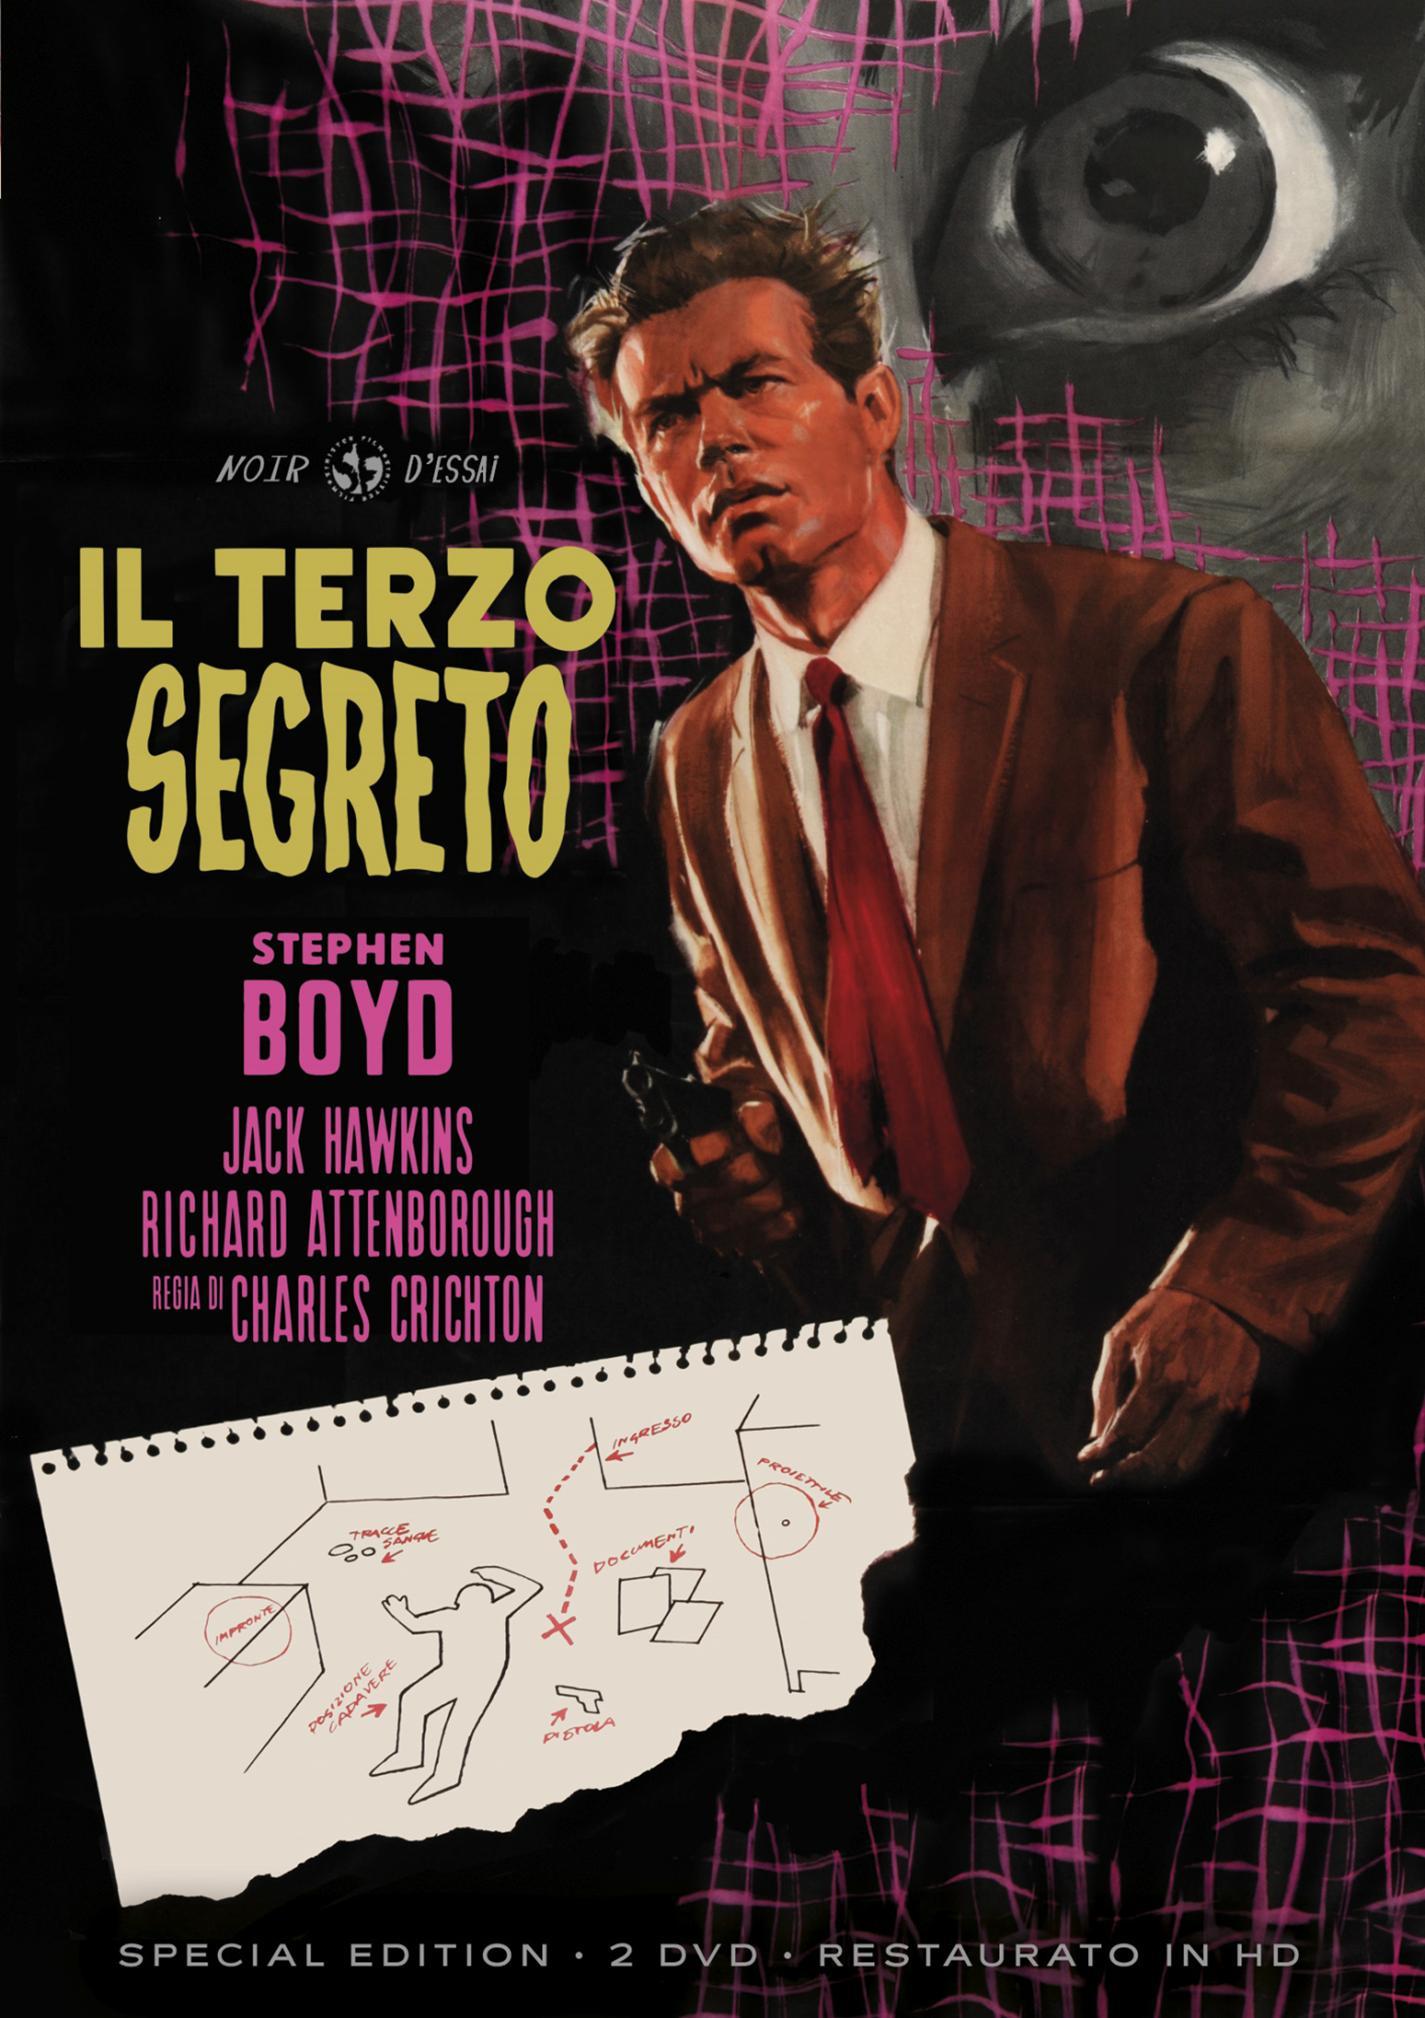 IL TERZO SEGRETO (SPECIAL EDITION) (2 DVD) (RESTAURATO IN HD) (